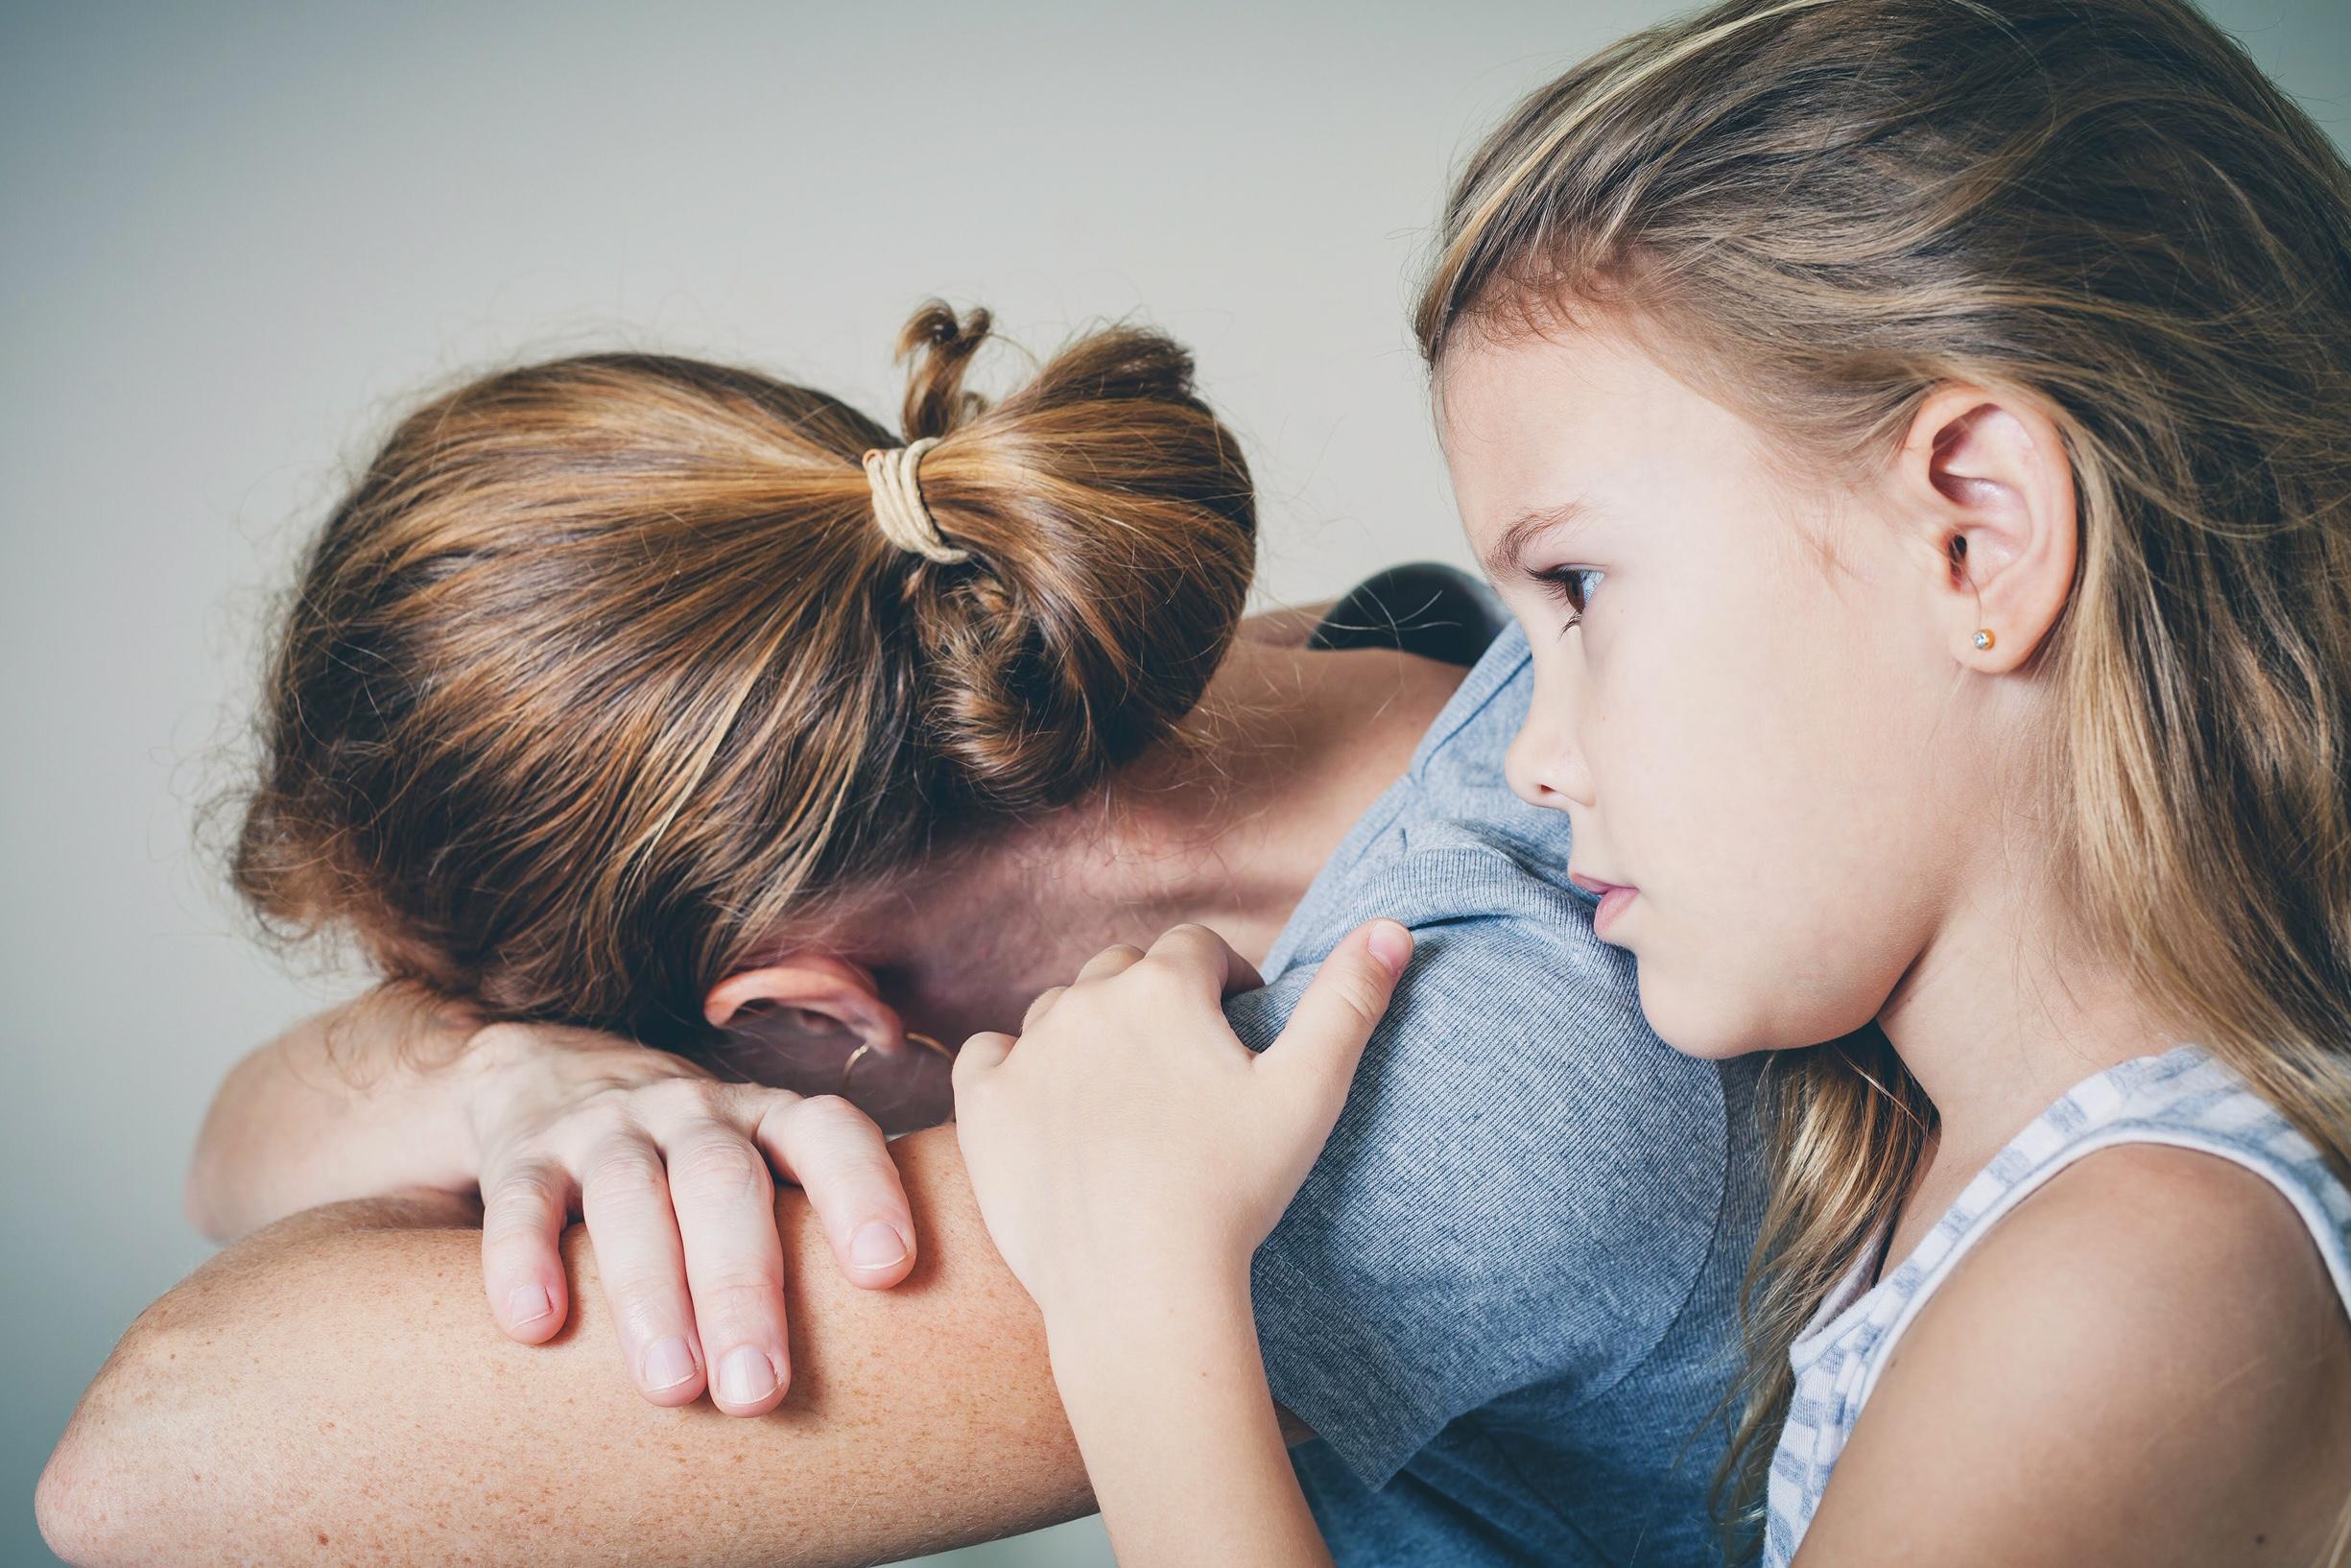 Resultado de imagen para madre folla con hijo deprimido